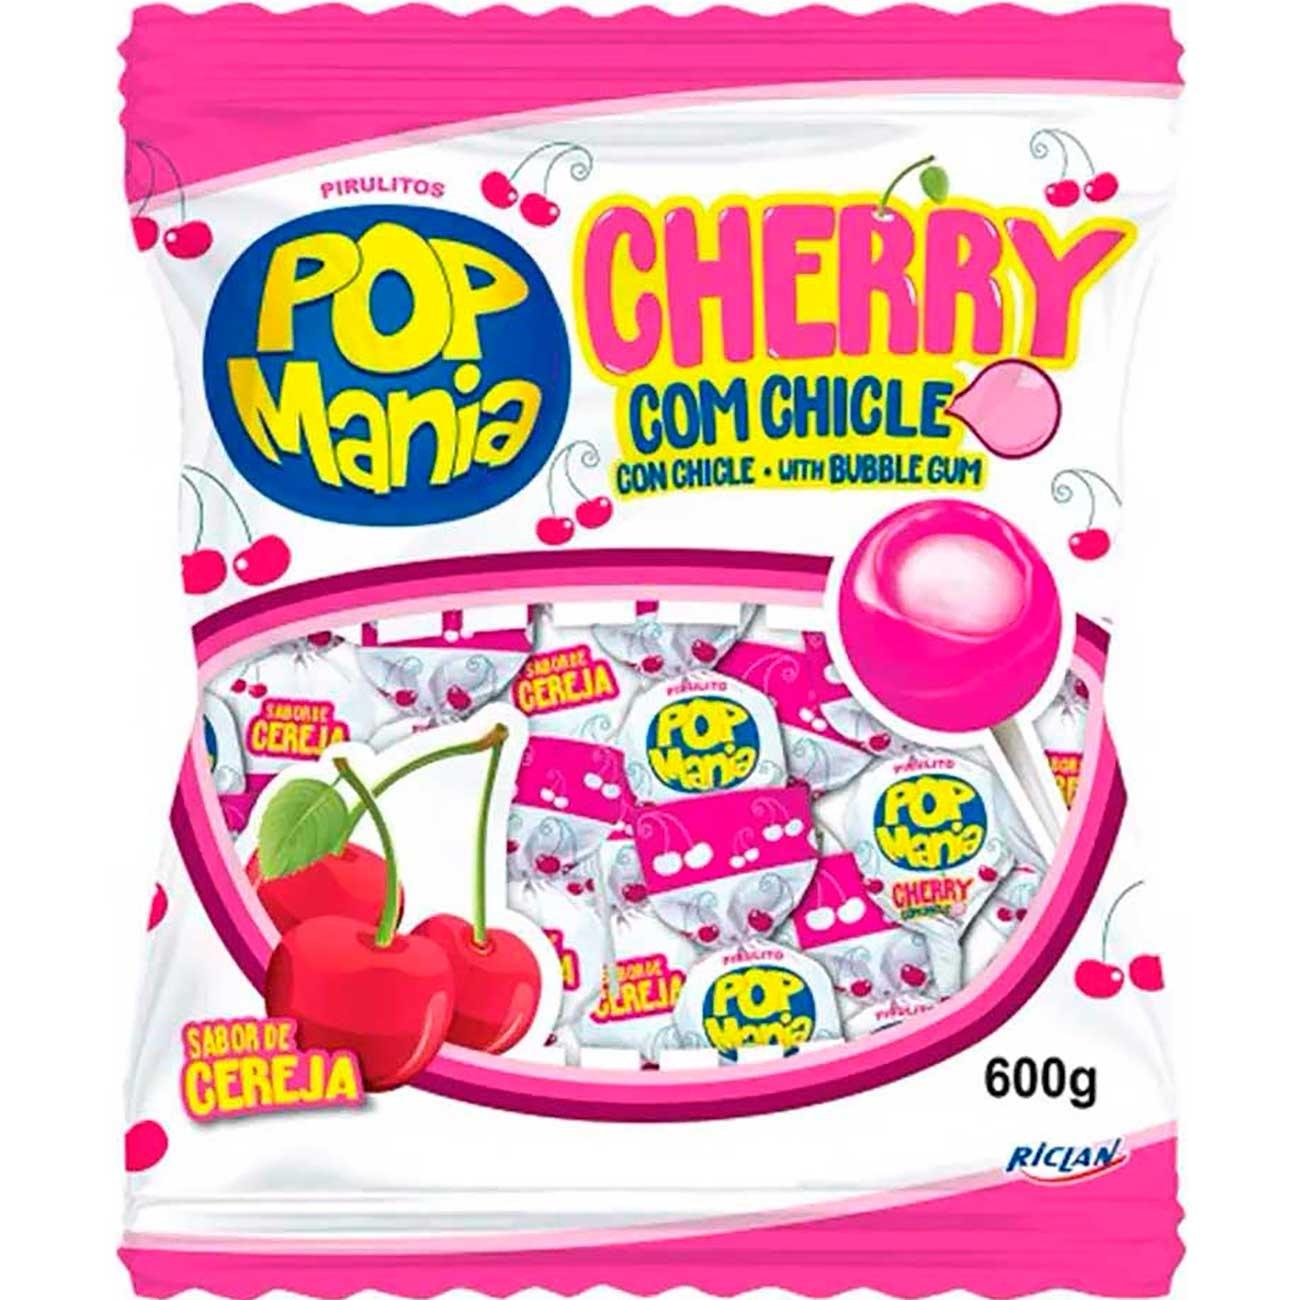 Pirulito Popmania Cherry 600g   Caixa com 50 unidades